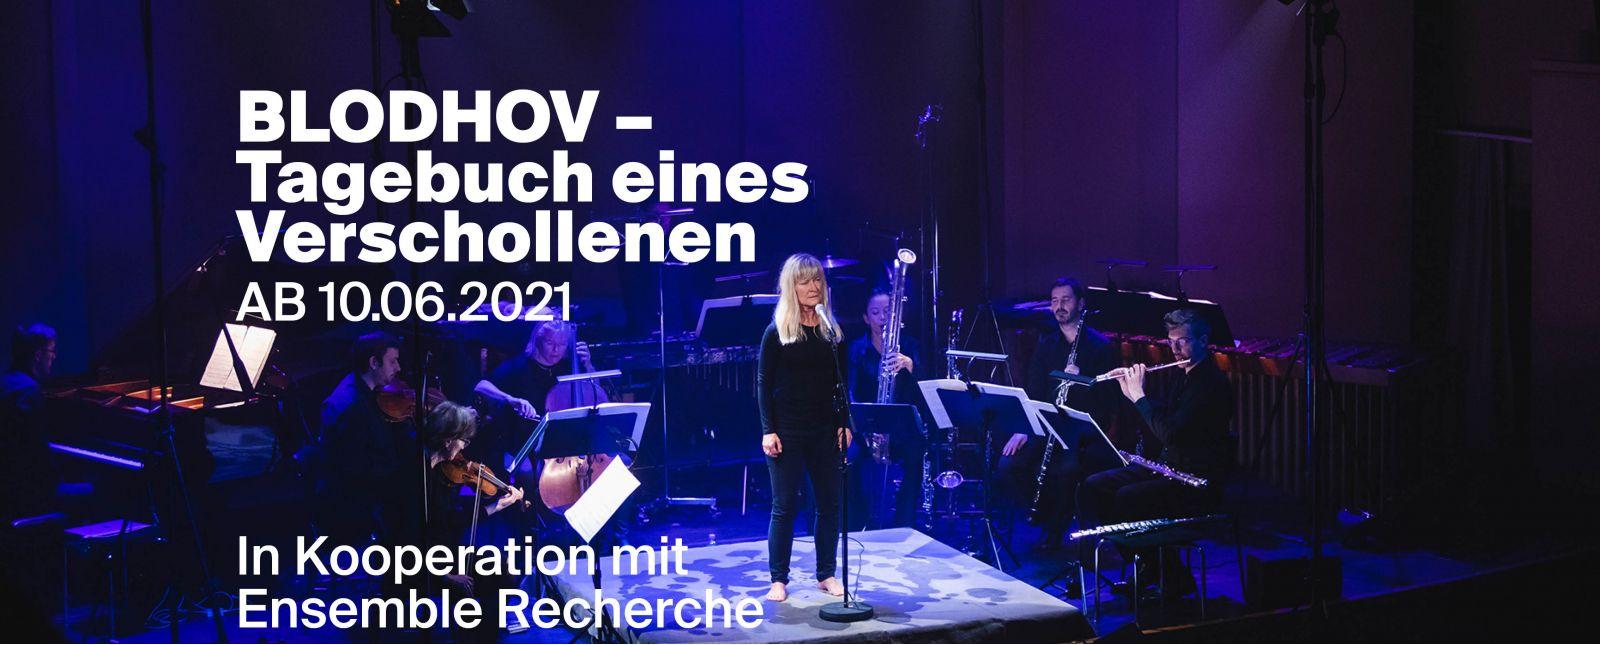 Tagebuch eines Verschollenen / Blodhov (Bluthufe) Ein Doppel-Kammer-Konzert des Theater Freiburg mit dem Ensemble Recherche